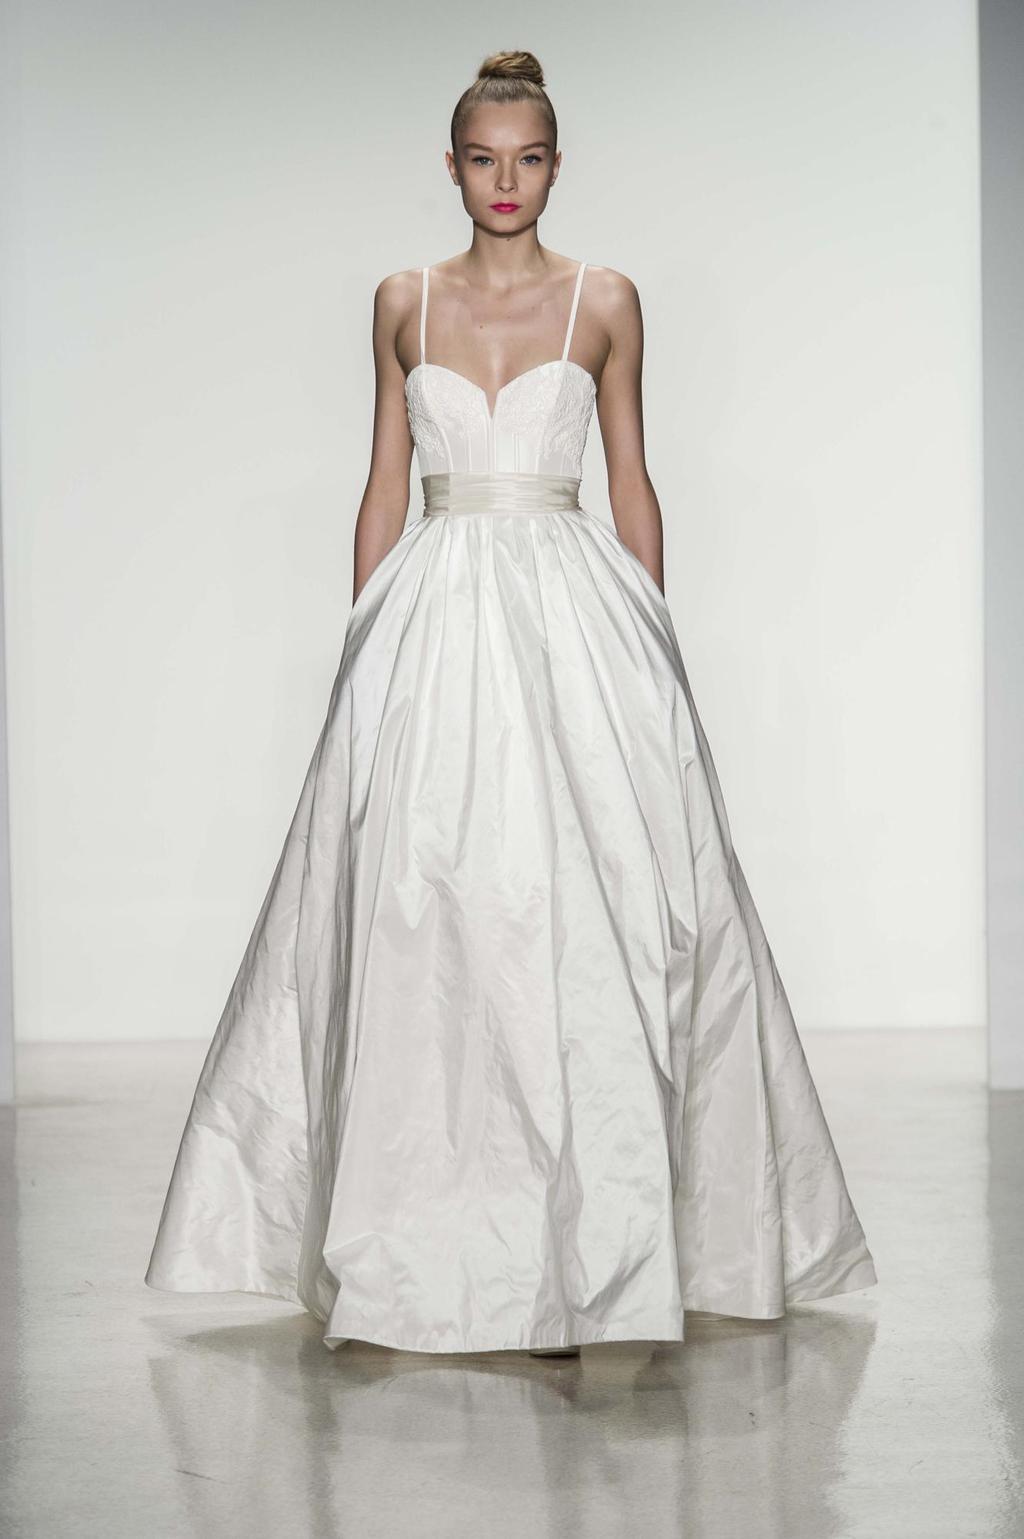 Cameron-wedding-dress-by-amsale-fall-2014-bridal.full